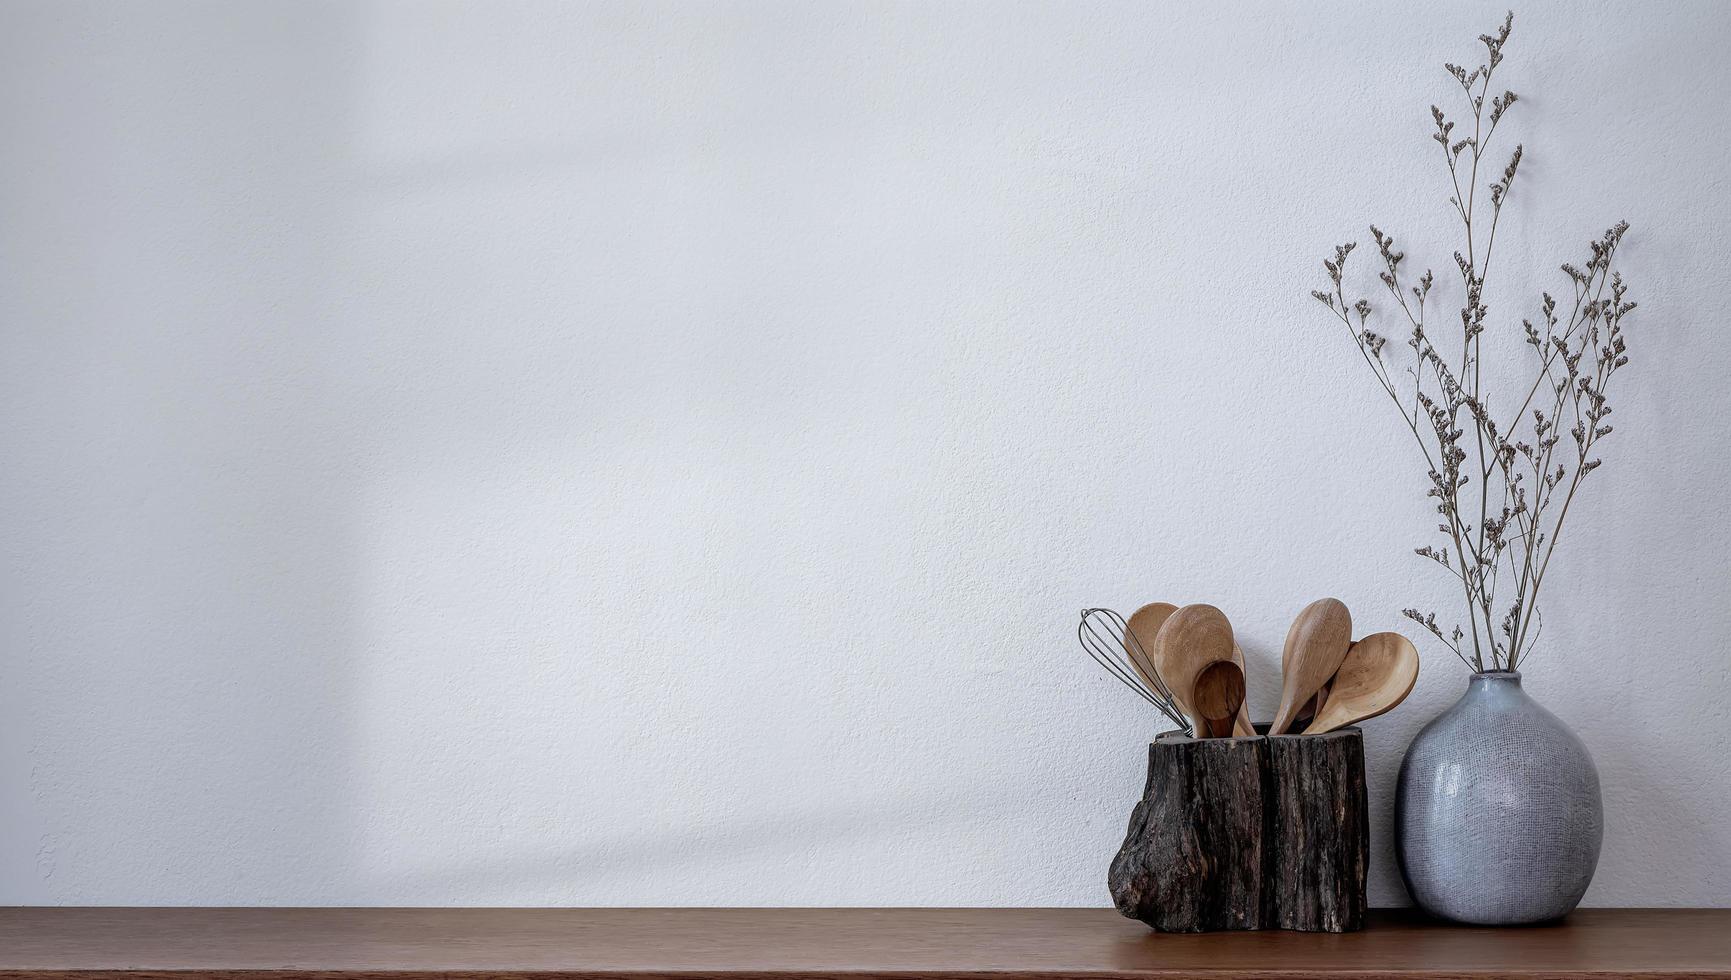 cucchiaio di legno e vaso di ceramica con spazio foto